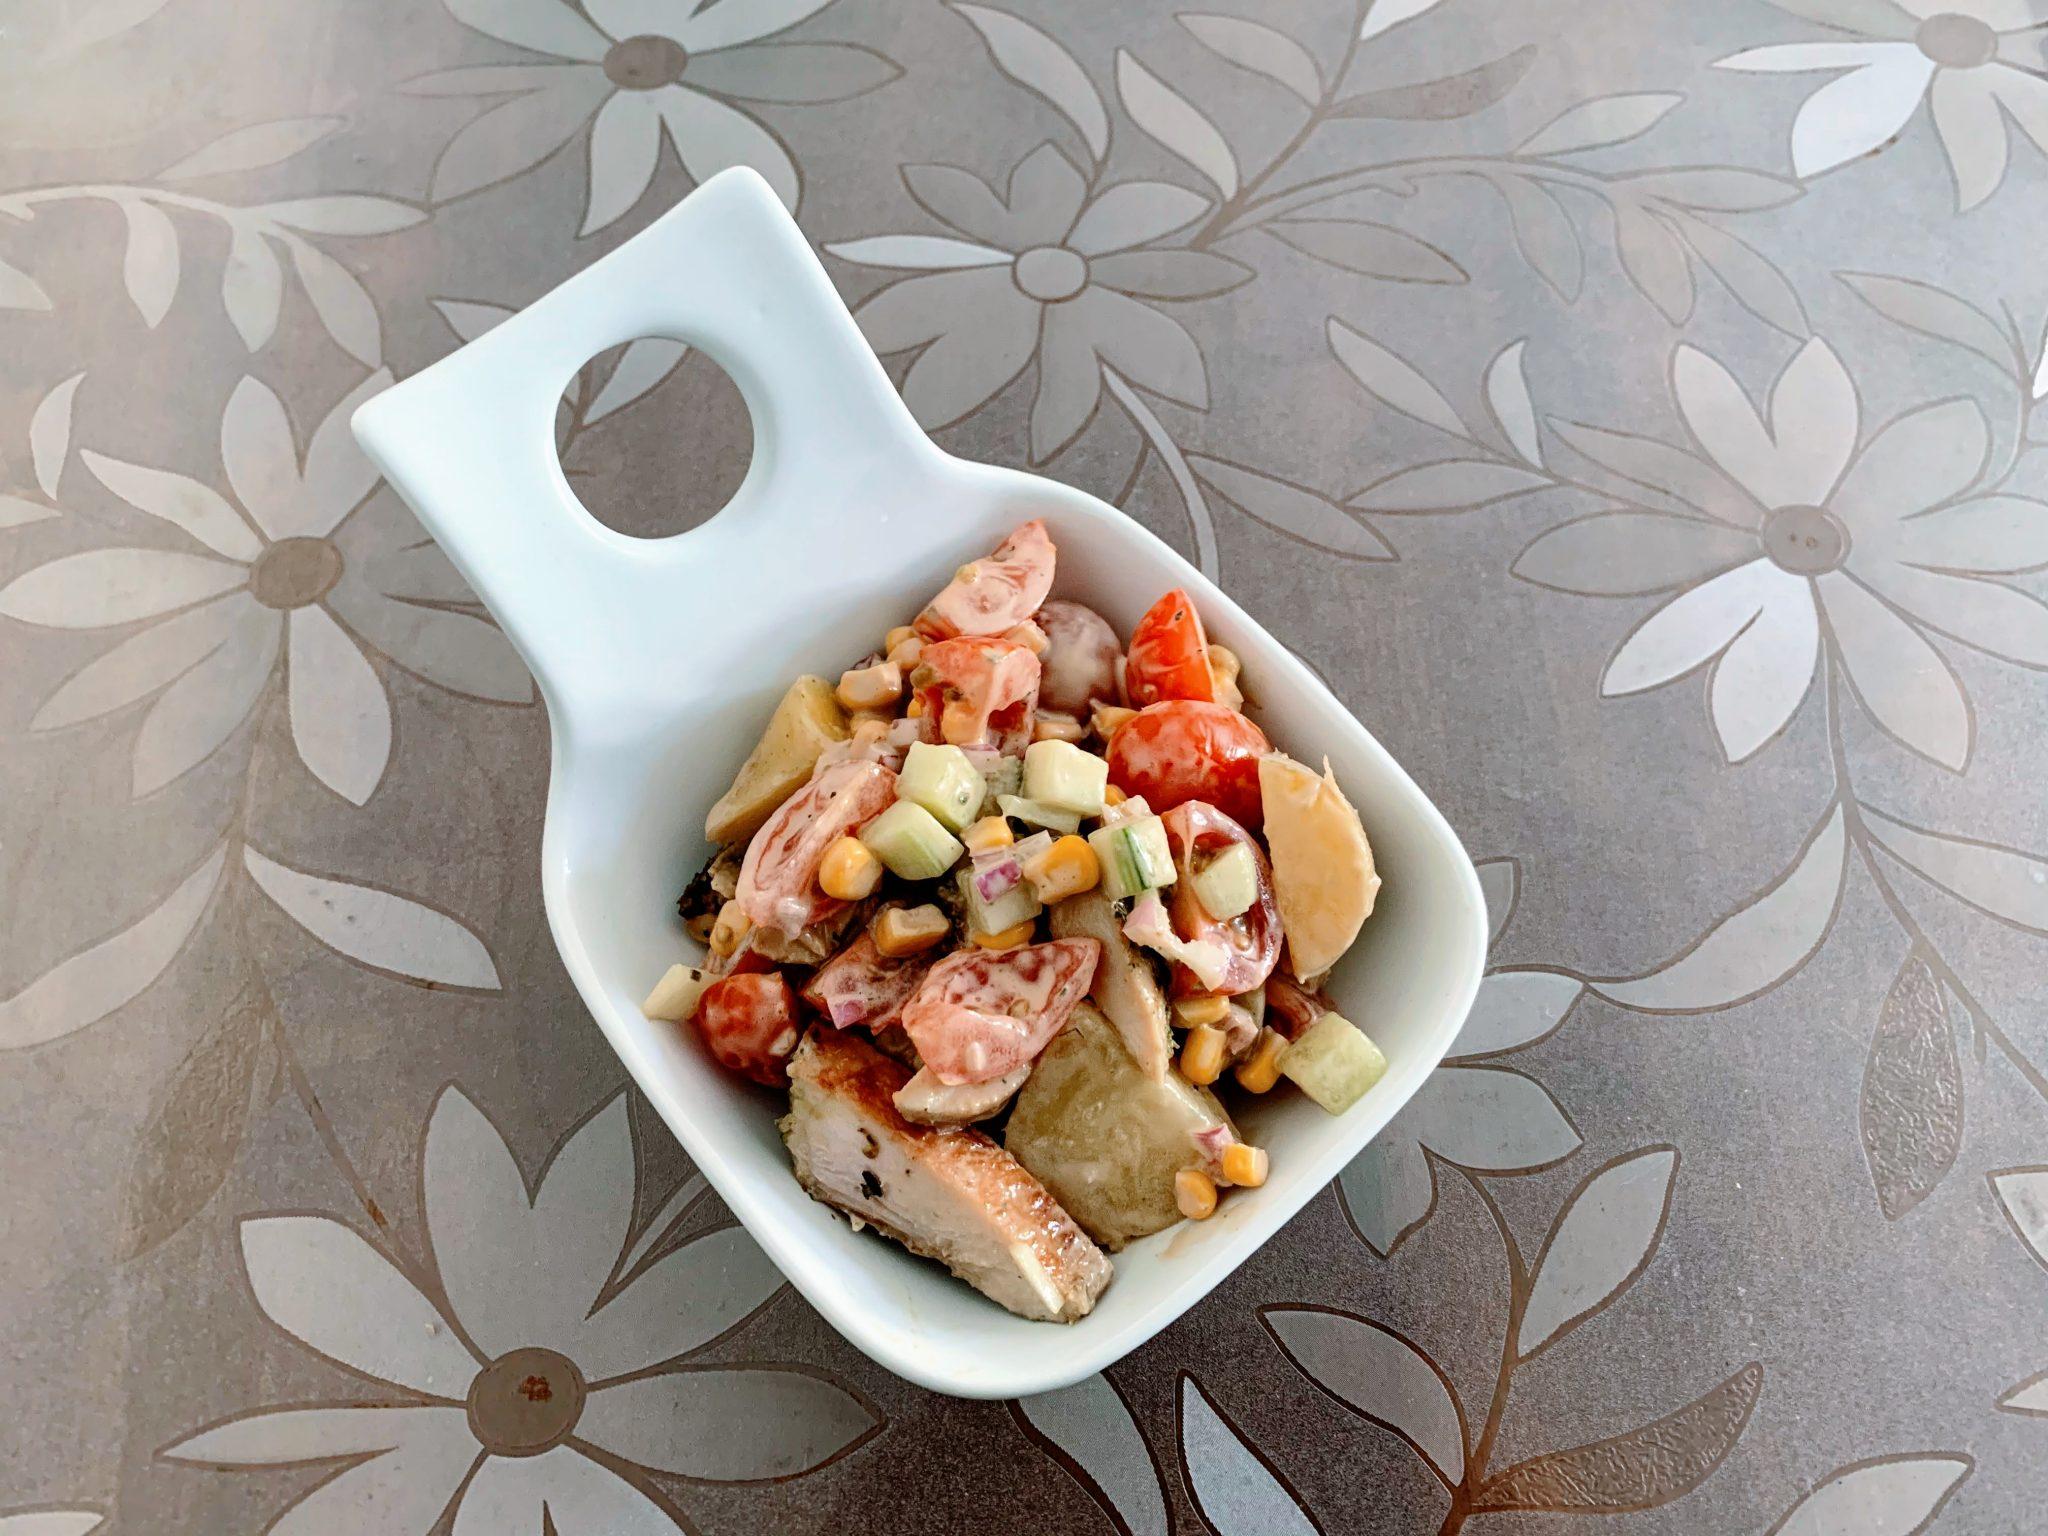 IMG 1975 scaled - Salade de grenailles & poulet aux épices méditerranéennes